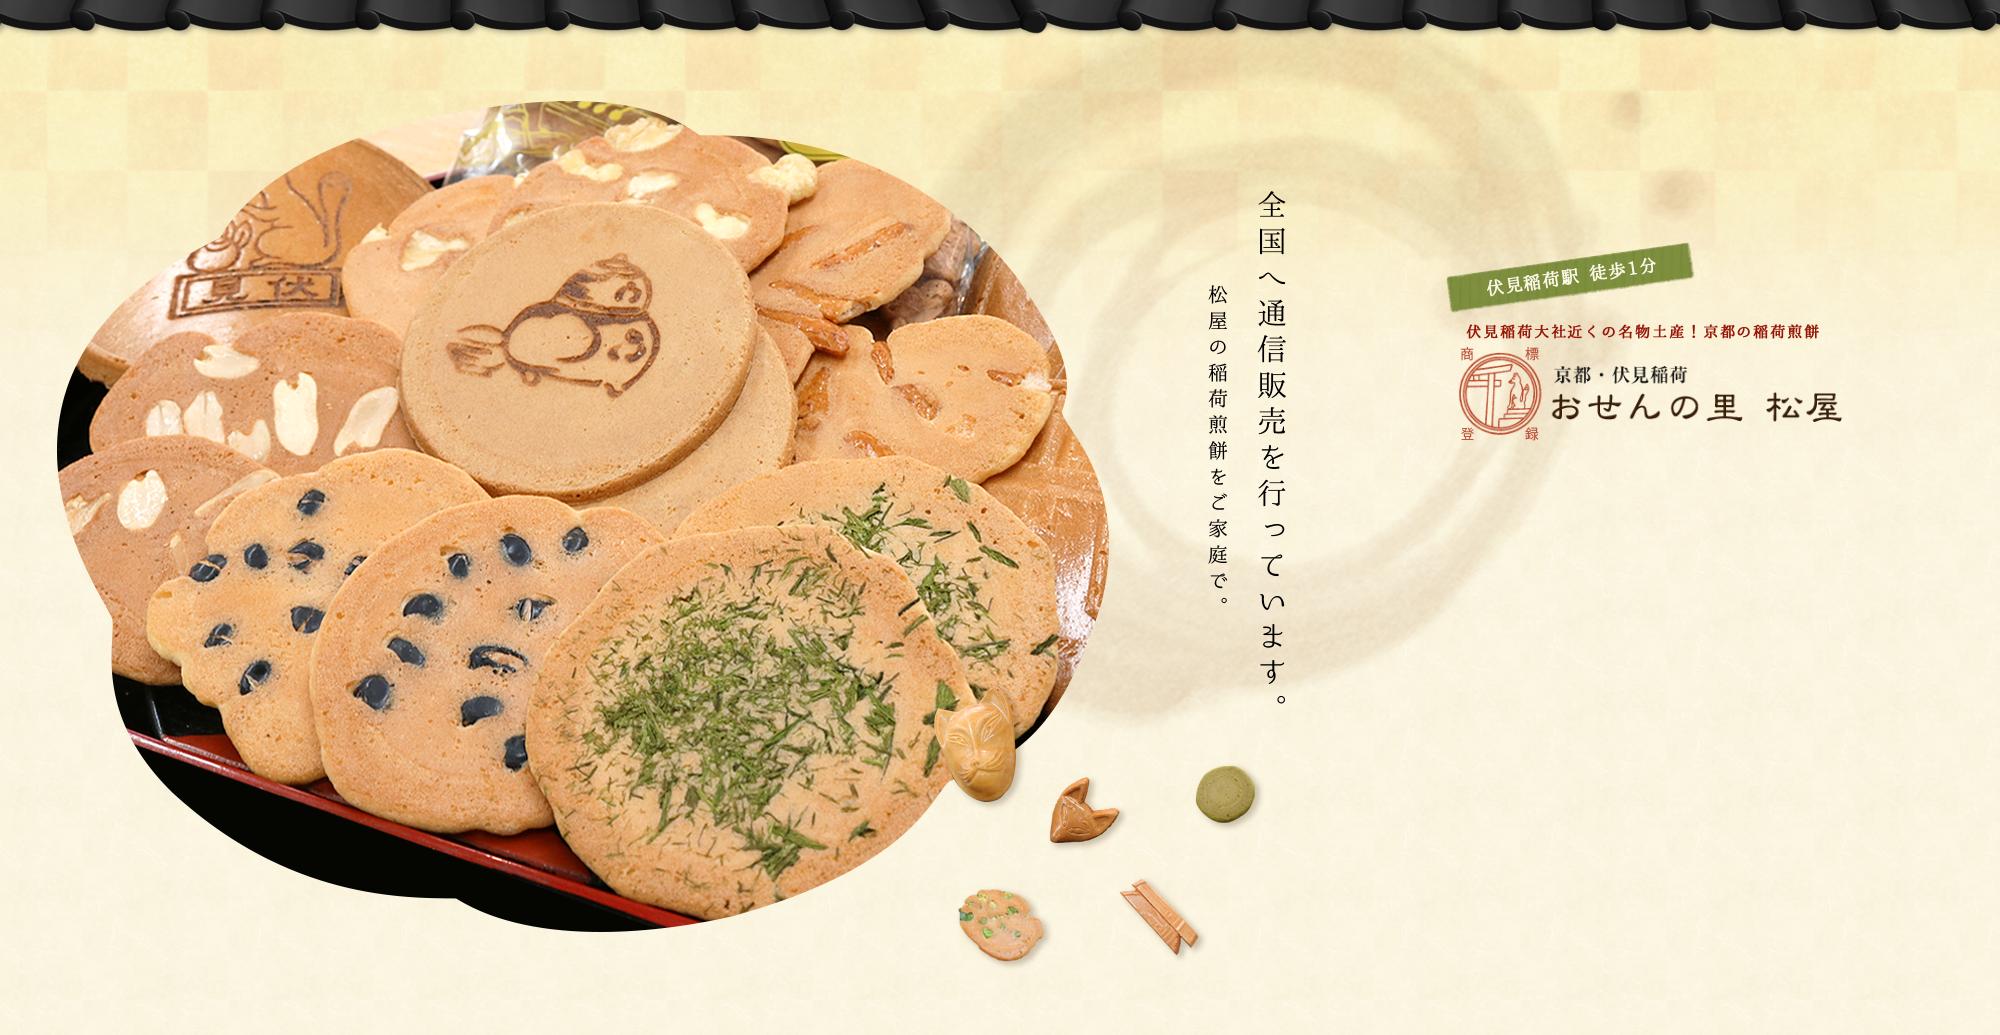 【全国へ通信販売を行っています。】松屋の稲荷煎餅をご家庭で。